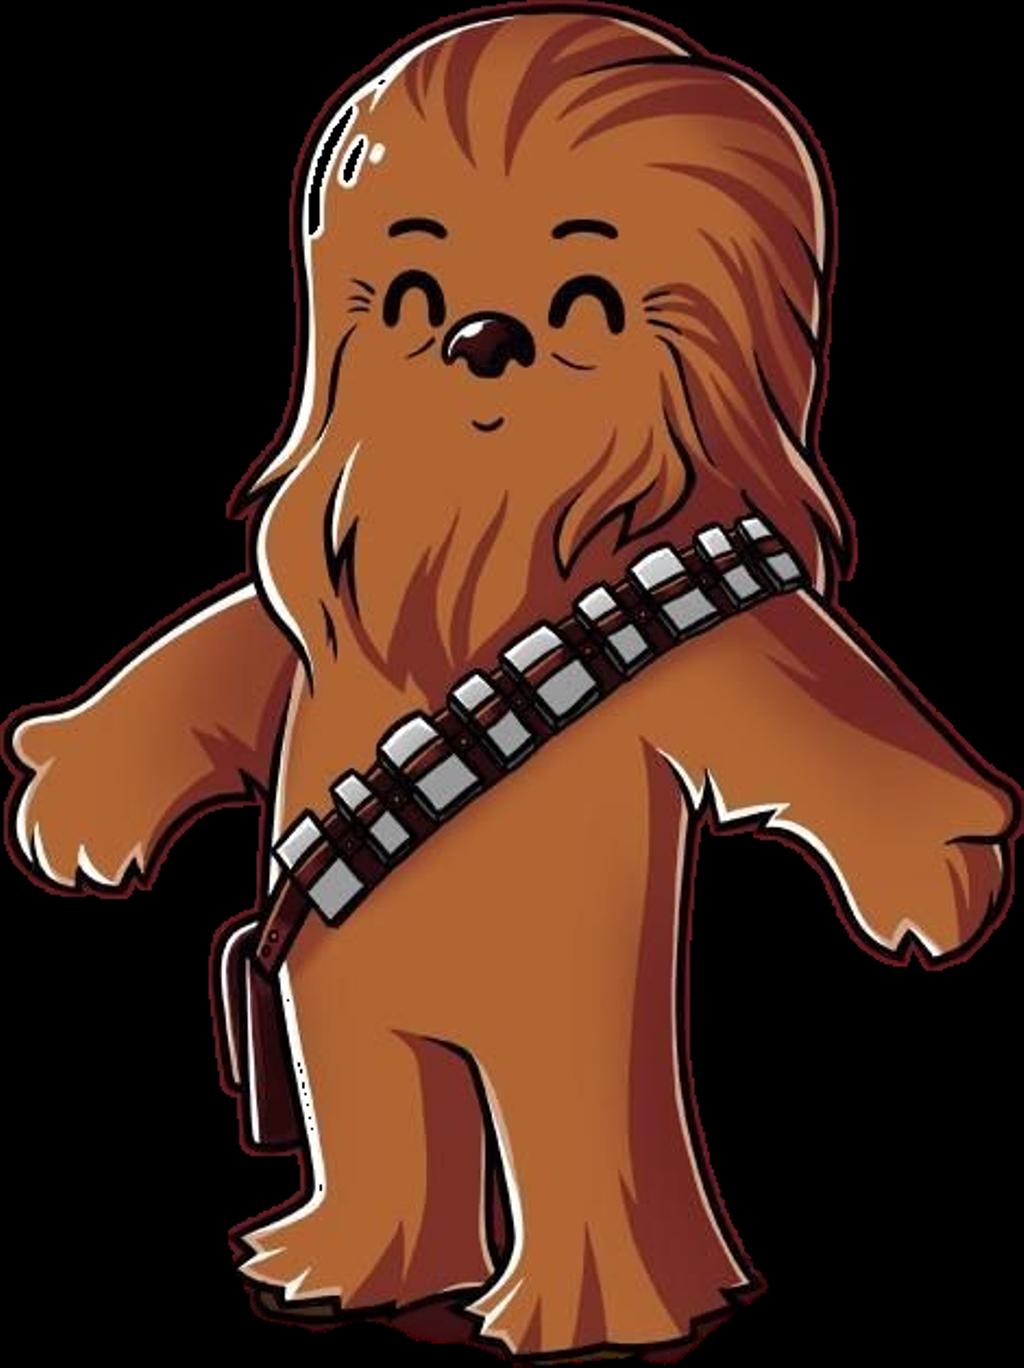 Chewbacca clipart chibi, Chewbacca chibi Transparent FREE.